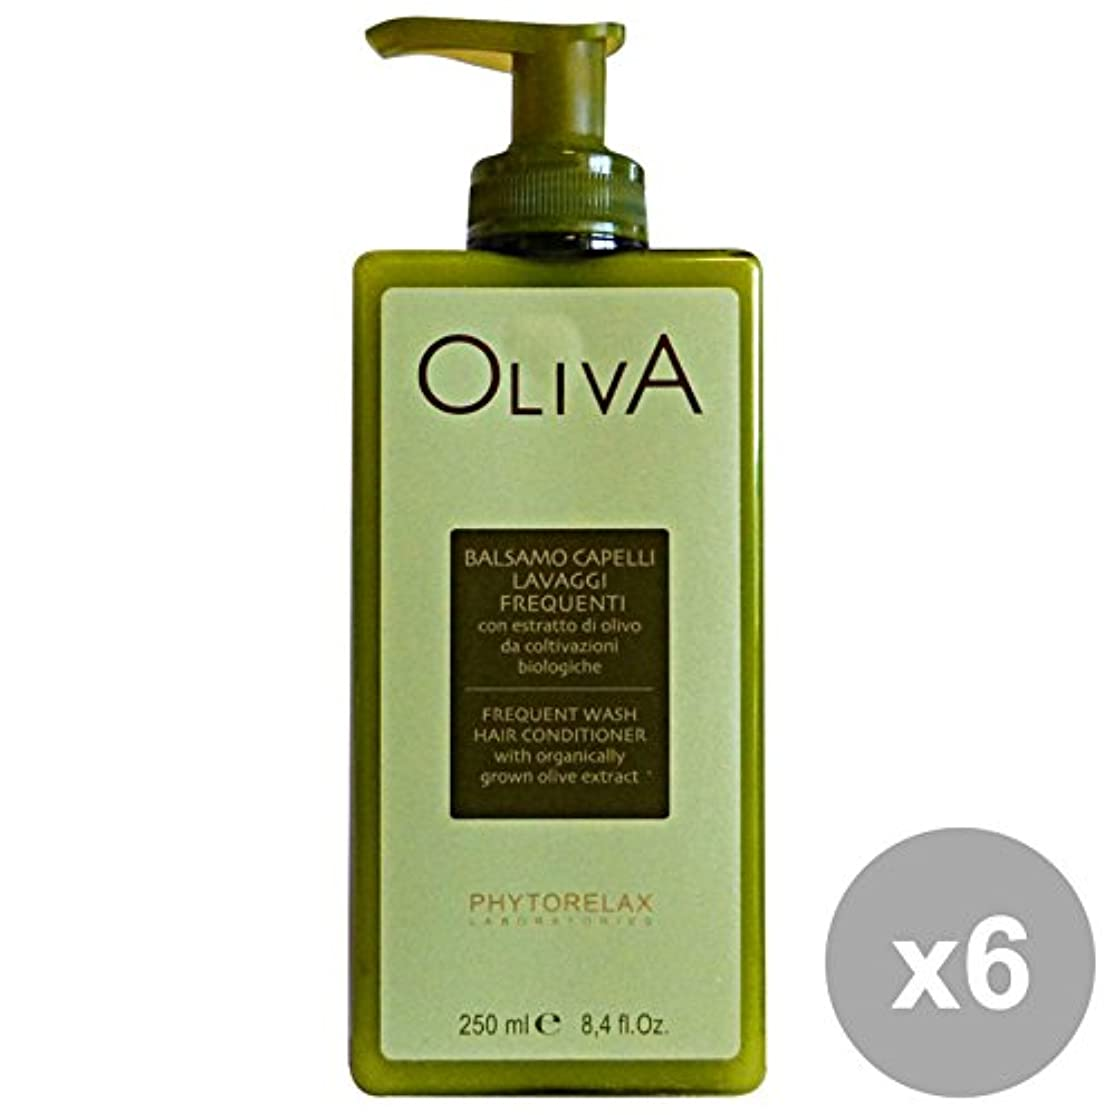 慎重に経済的ホイスト6ファイトレラックスオリーブバームウォッシュを洗う頻度250 ML。髪のための製品